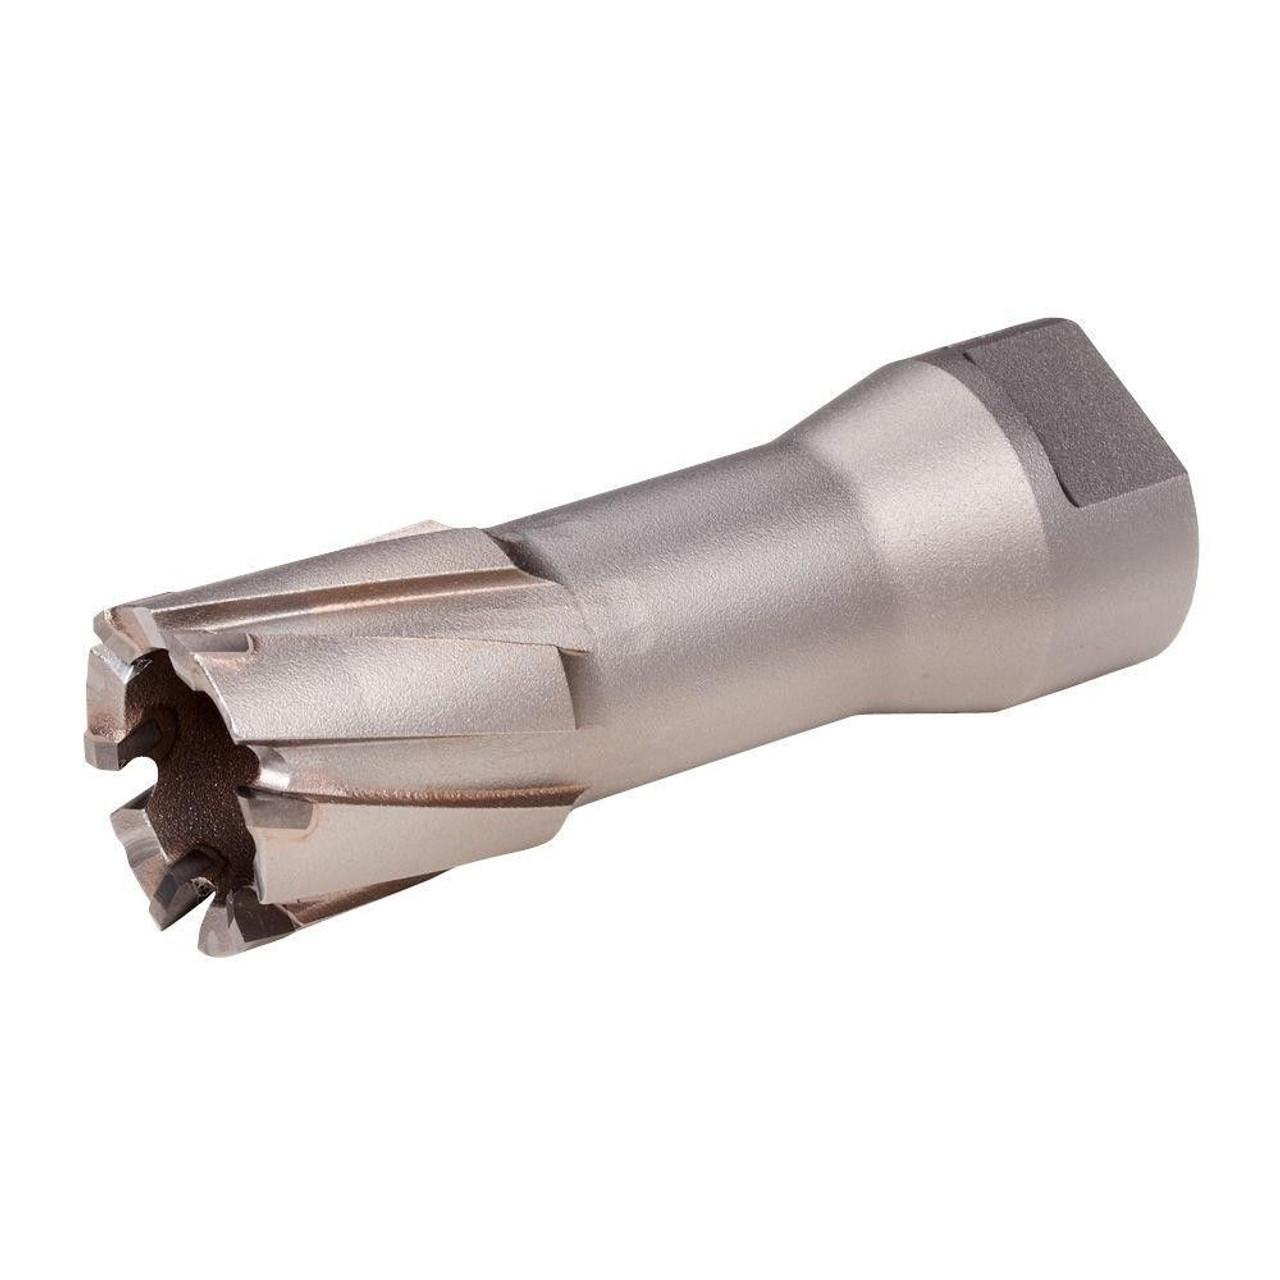 Milwaukee 49-57-1125 1-1/8 in. Threaded Steel Hawg Cutter